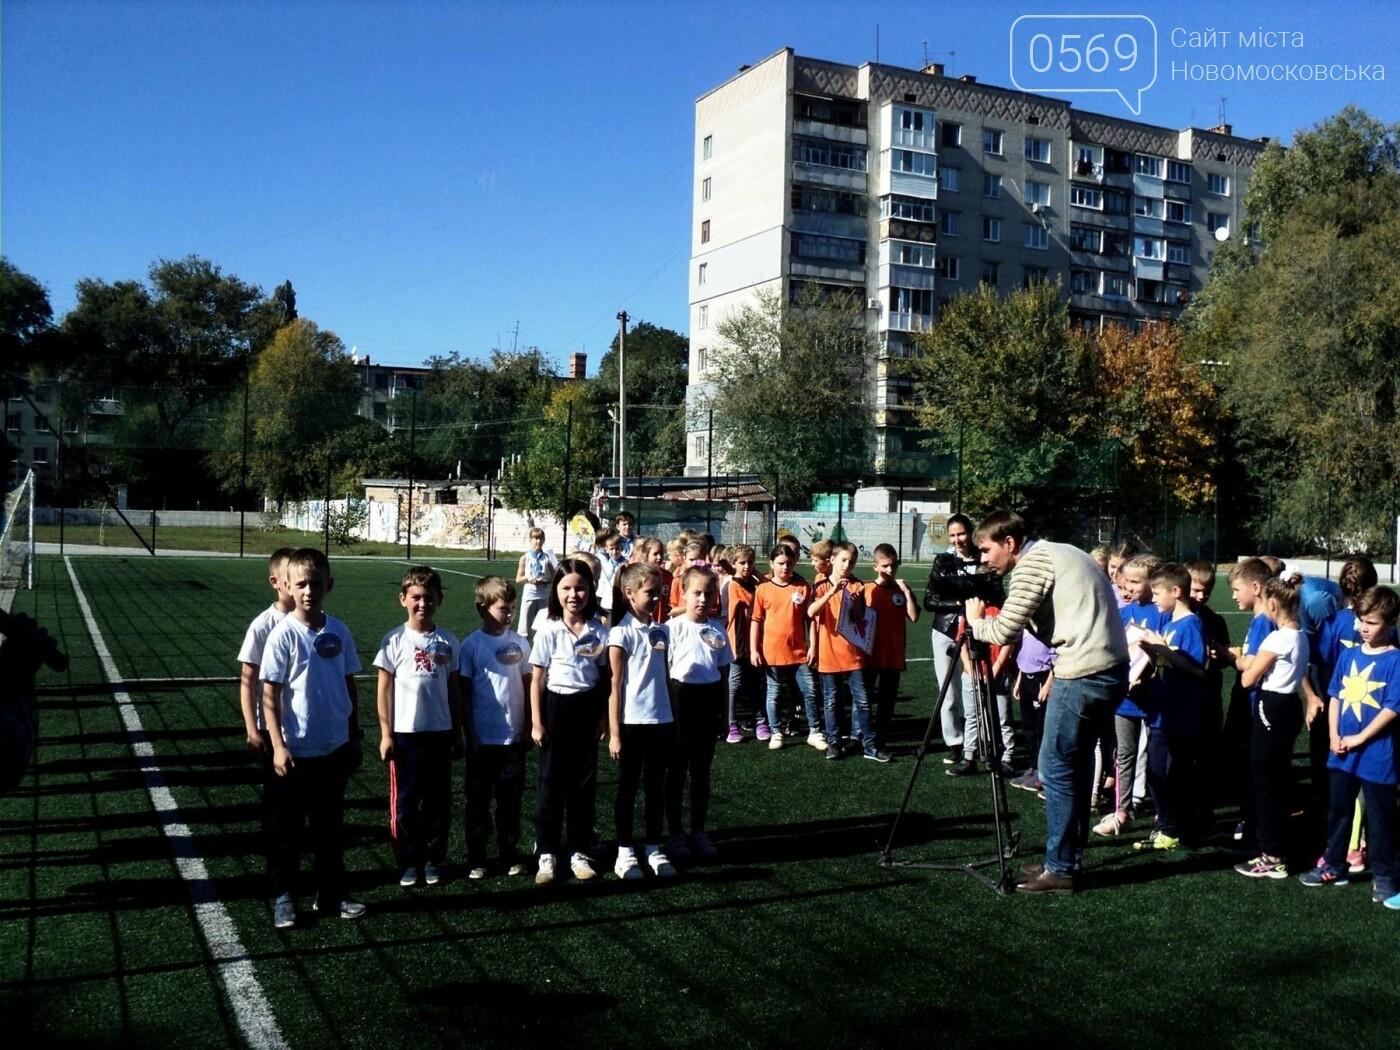 Новомосковські школярі влаштували «козацькі розваги», фото-2